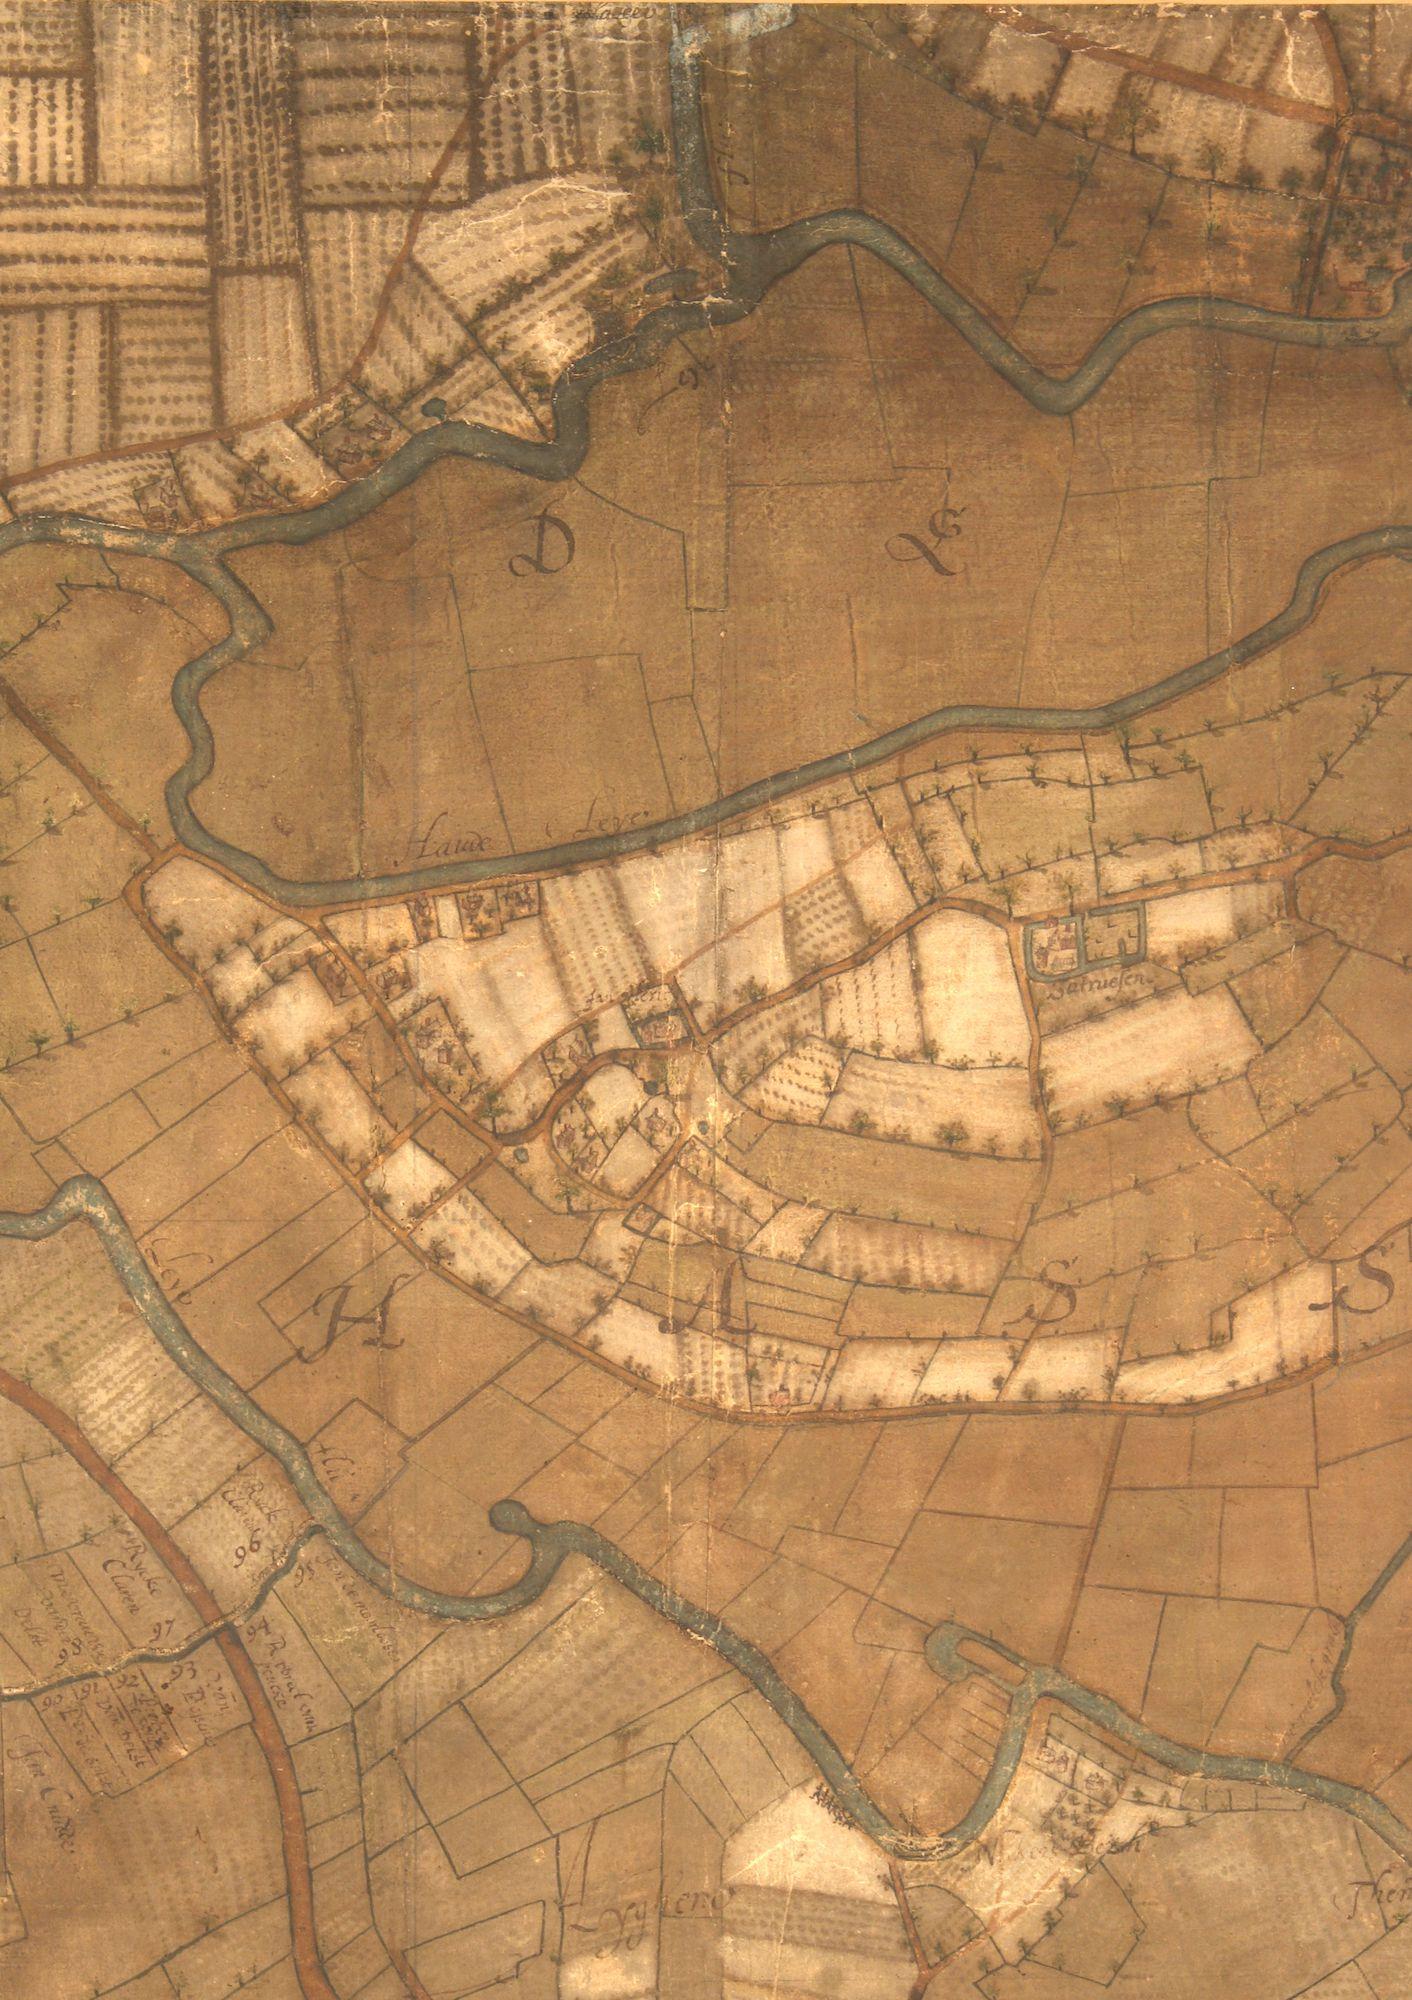 De Assels en de huidige Blaarmeersen: kaartdeel 07 (III) van de Kaart van Gent en het Vrije van Gent afgebakend door de Rietgracht, Jacques Horenbault, 1619